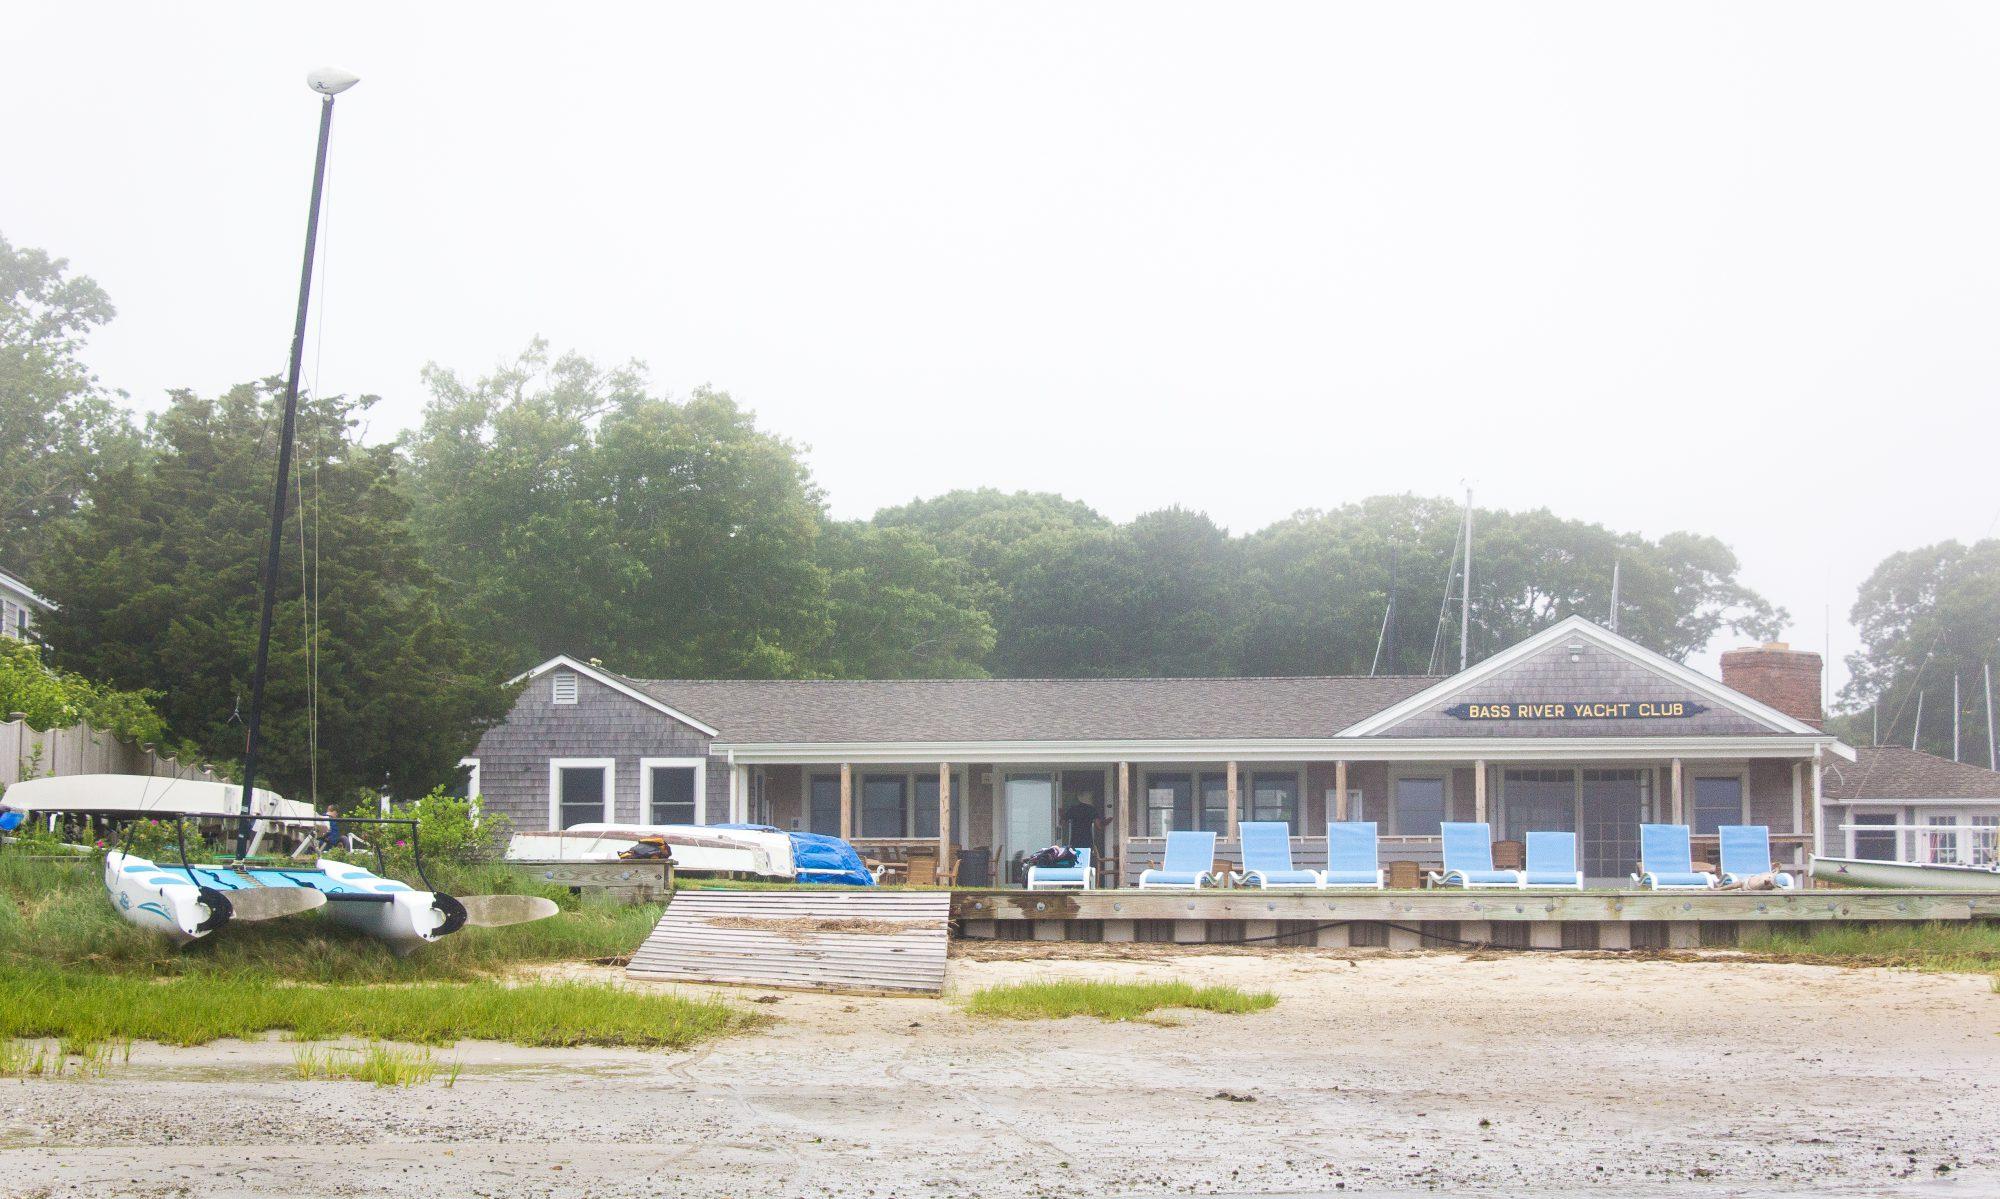 BRYC Sailing School